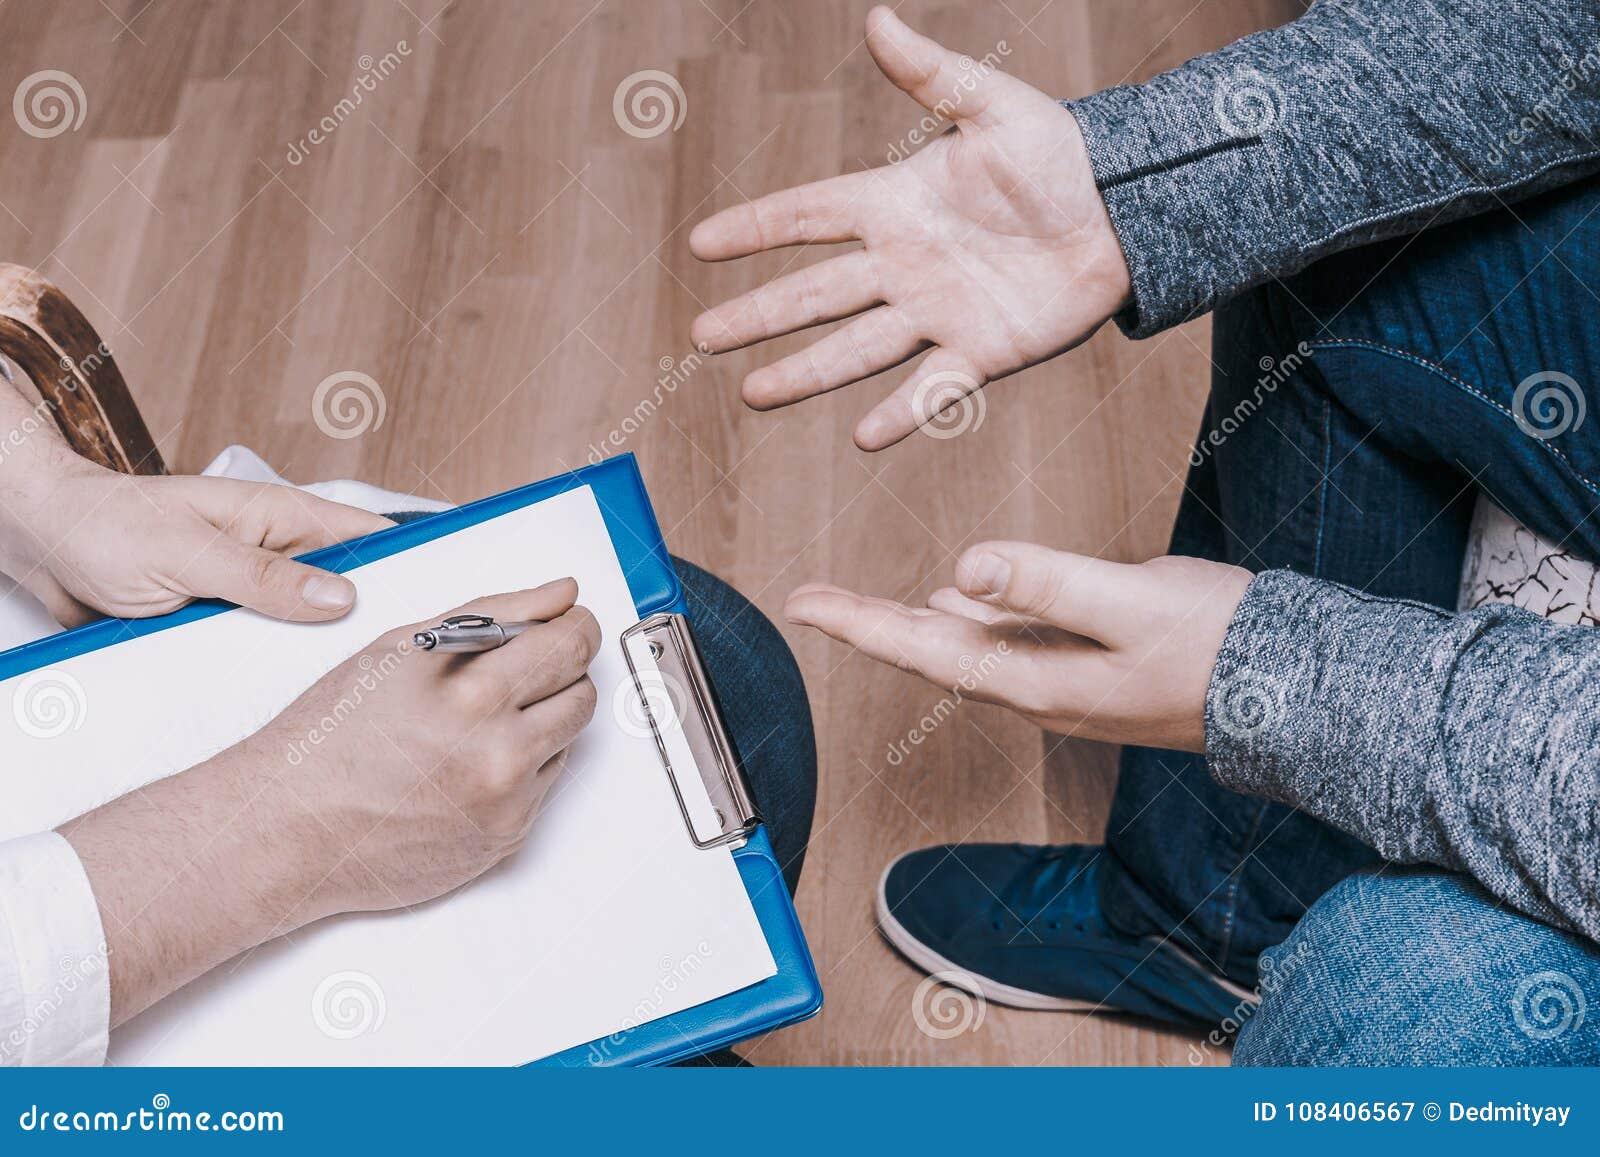 心理学家咨询的概念 医生在精神疗法会议或男性患者忠告诊断精神健康咨询